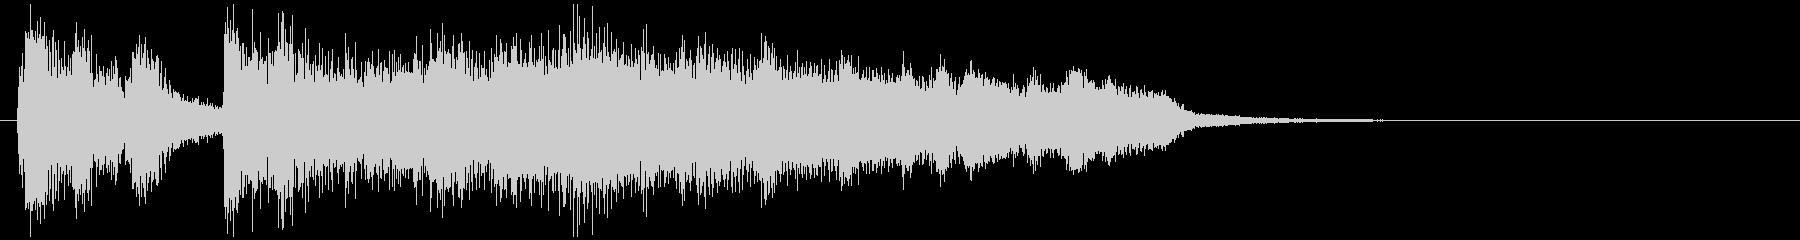 ジャズサウンドロゴ、ニュース、場面転換等の未再生の波形